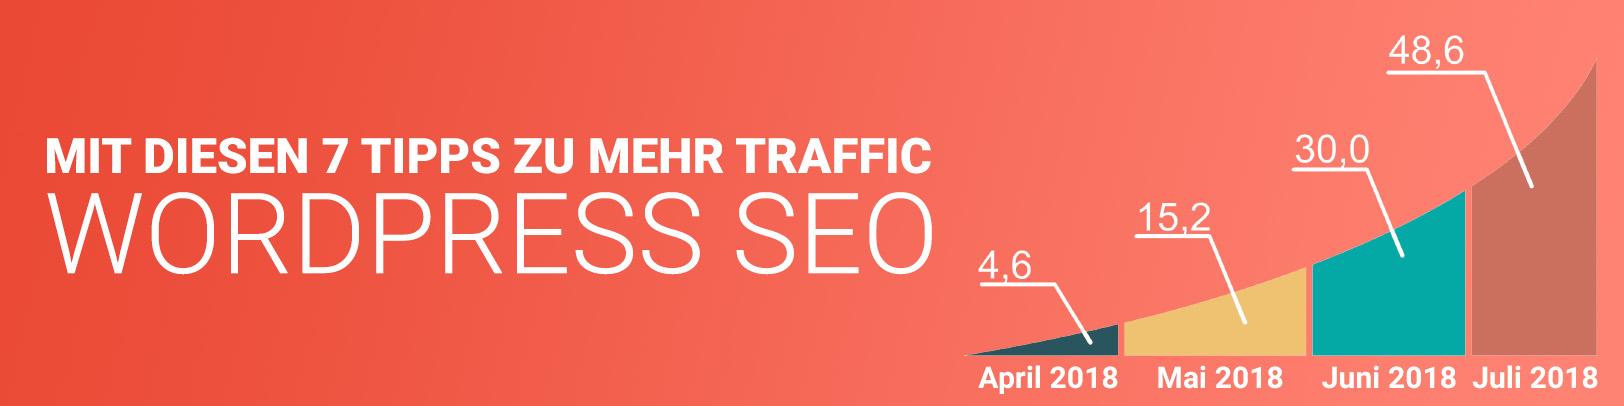 Wordpress Suchmaschinenoptimierung, 7 Tipps zu mehr organischem Traffic